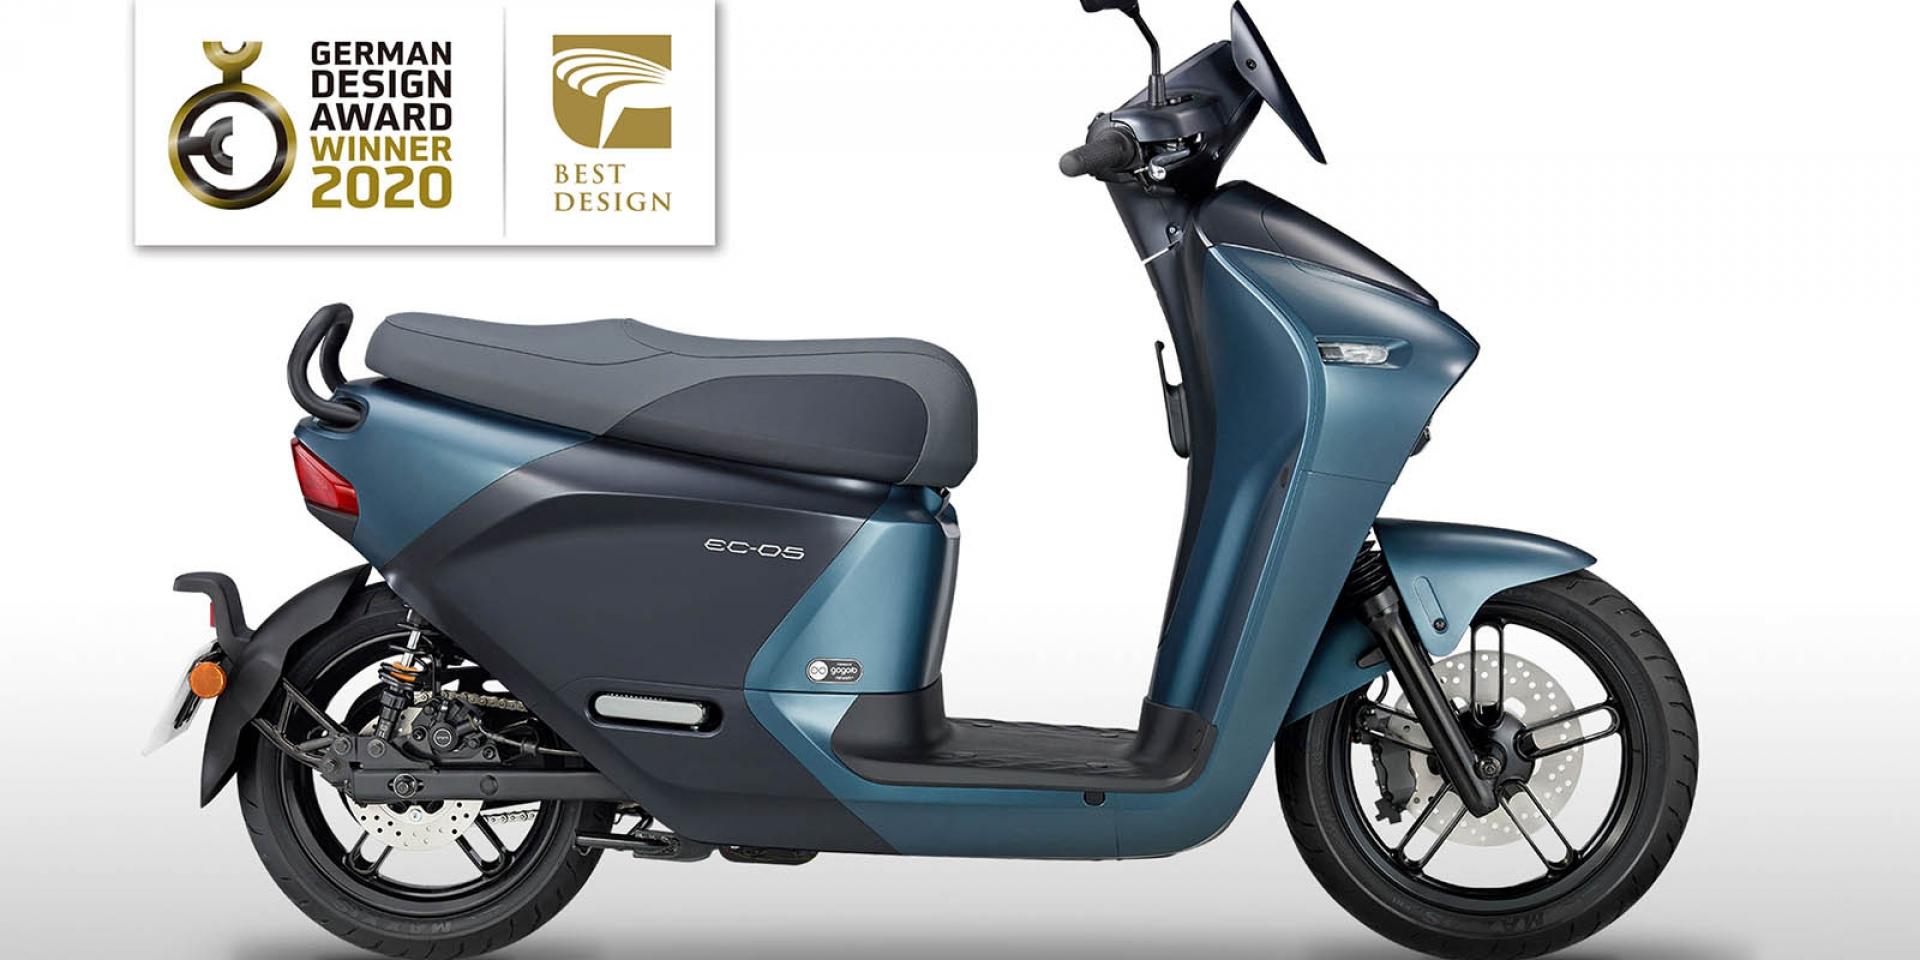 官方新聞稿。繼「德國設計大賞」後, Yamaha EC-05再次榮獲台灣「金點設計獎」殊榮